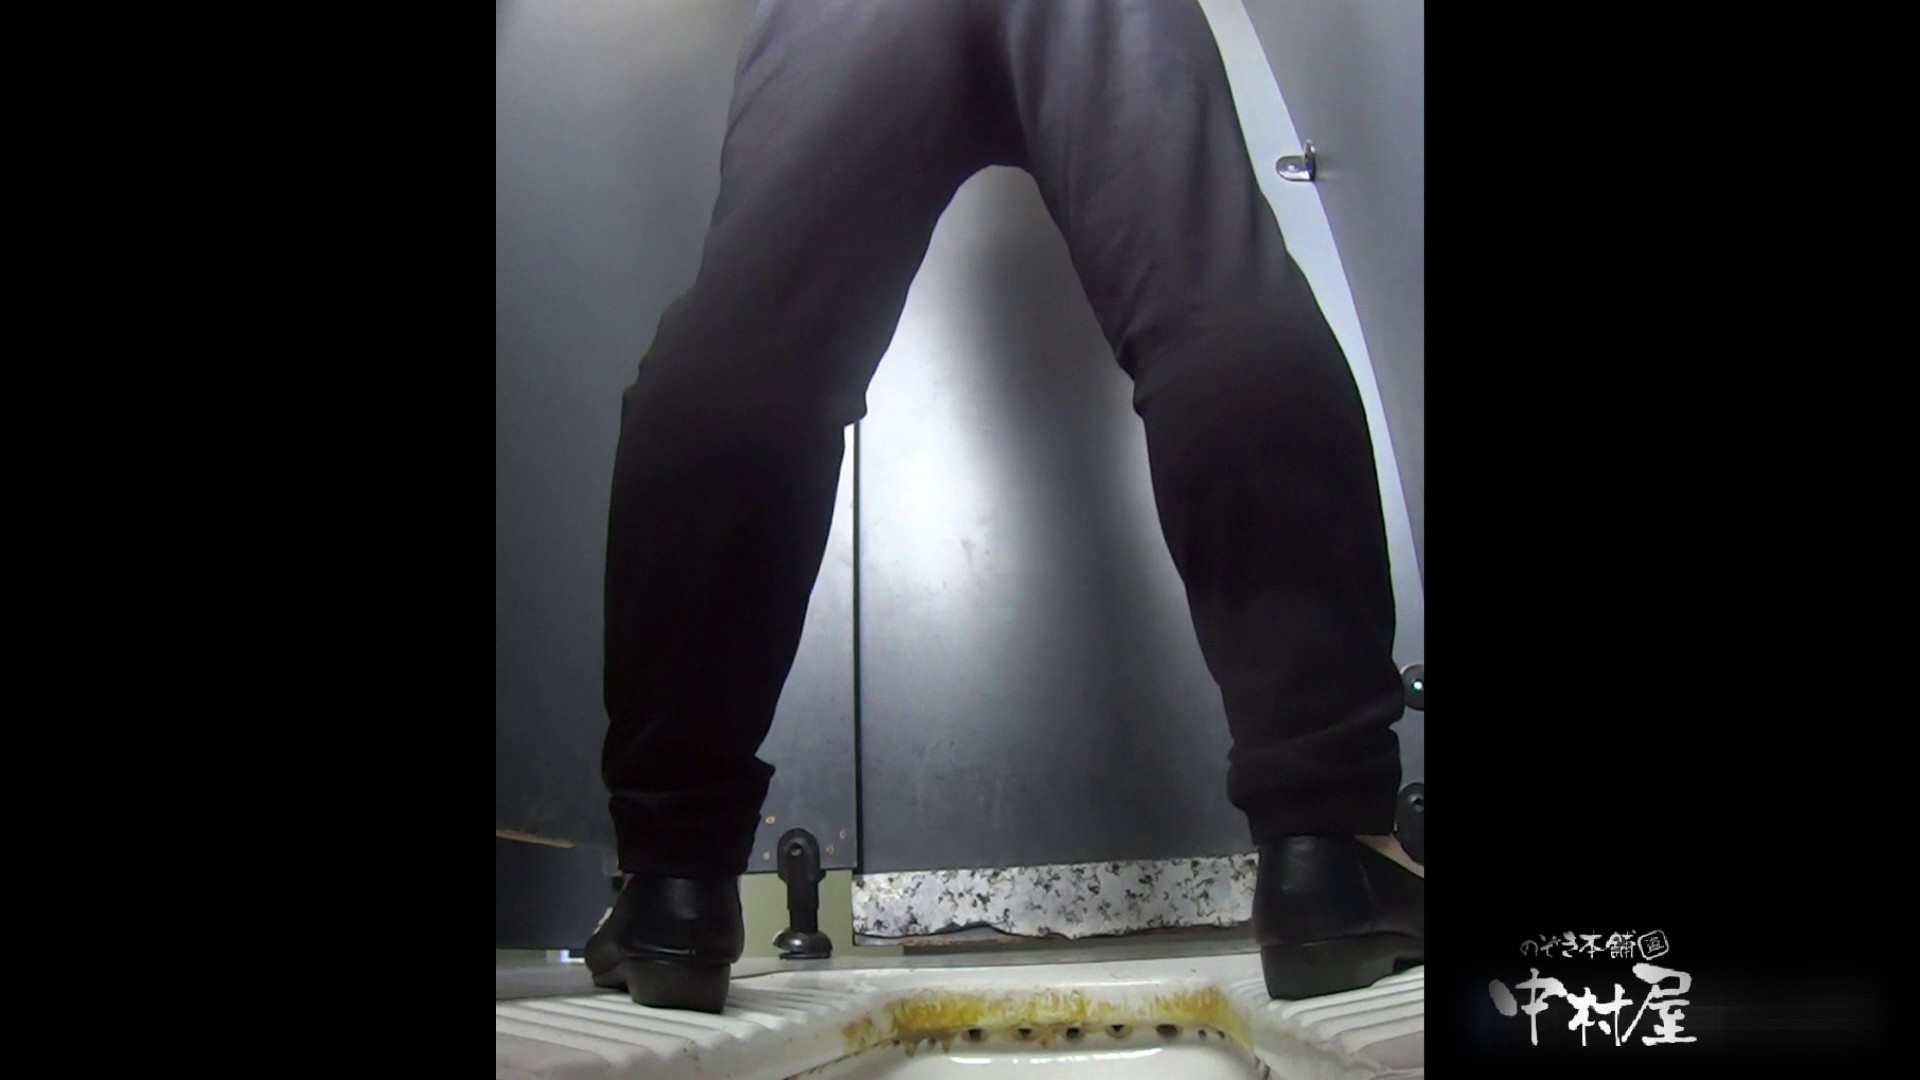 高画質で見る美女達の洗面所 大学休憩時間の洗面所事情14 盗撮シリーズ 戯れ無修正画像 107PIX 38